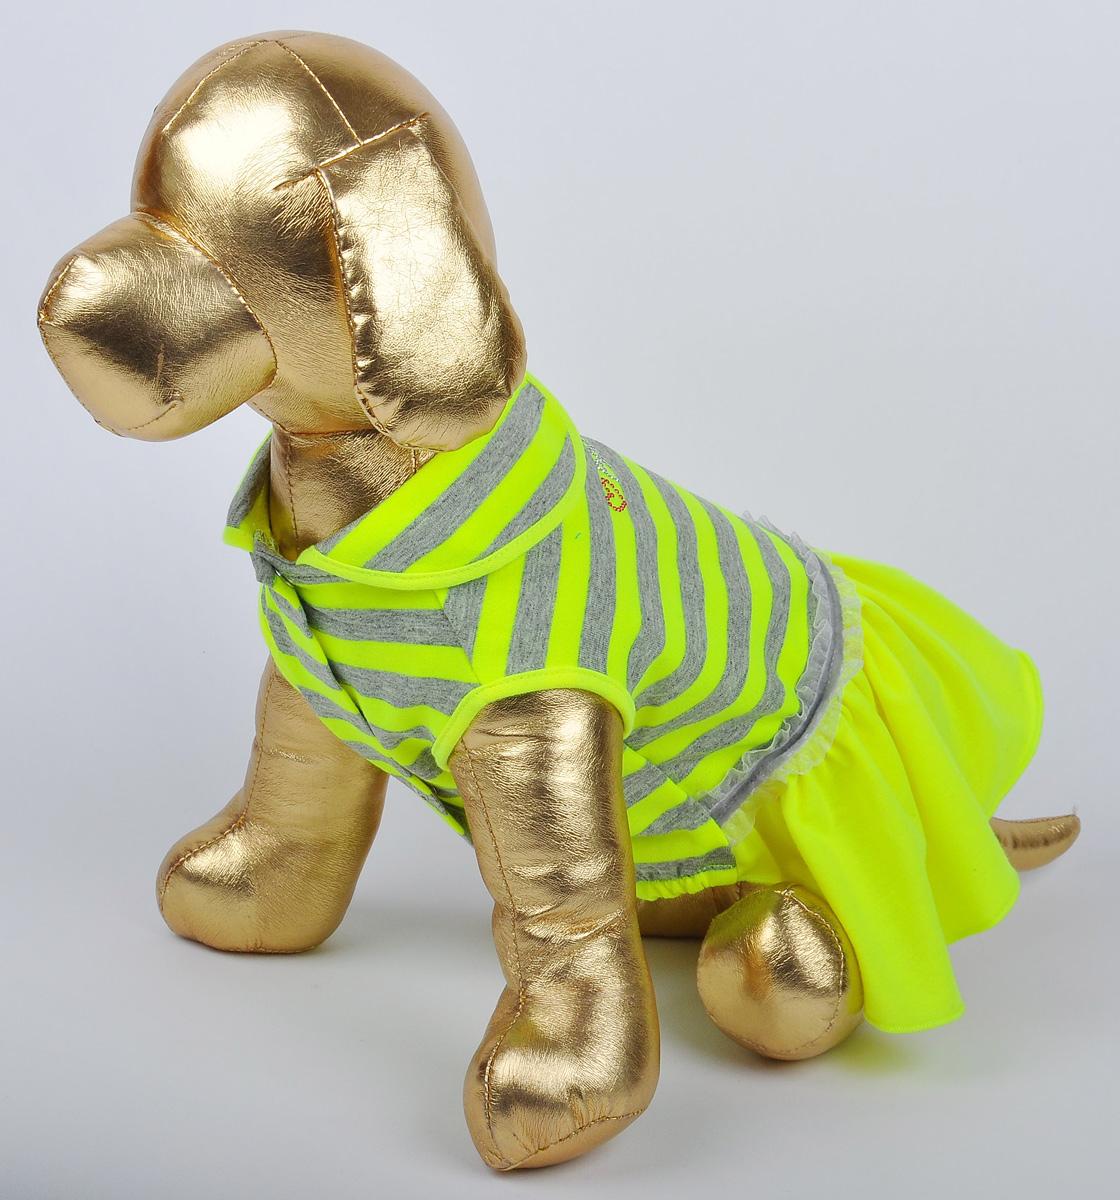 Платье для собак GLG Фэшн Ультра, цвет: желтый. Размер M0120710Платье для собак Фэшн Ультра, цвет желтый, материал- вискоза х/б, размер-M, длина спины27-29см, объем груди-37-39см.